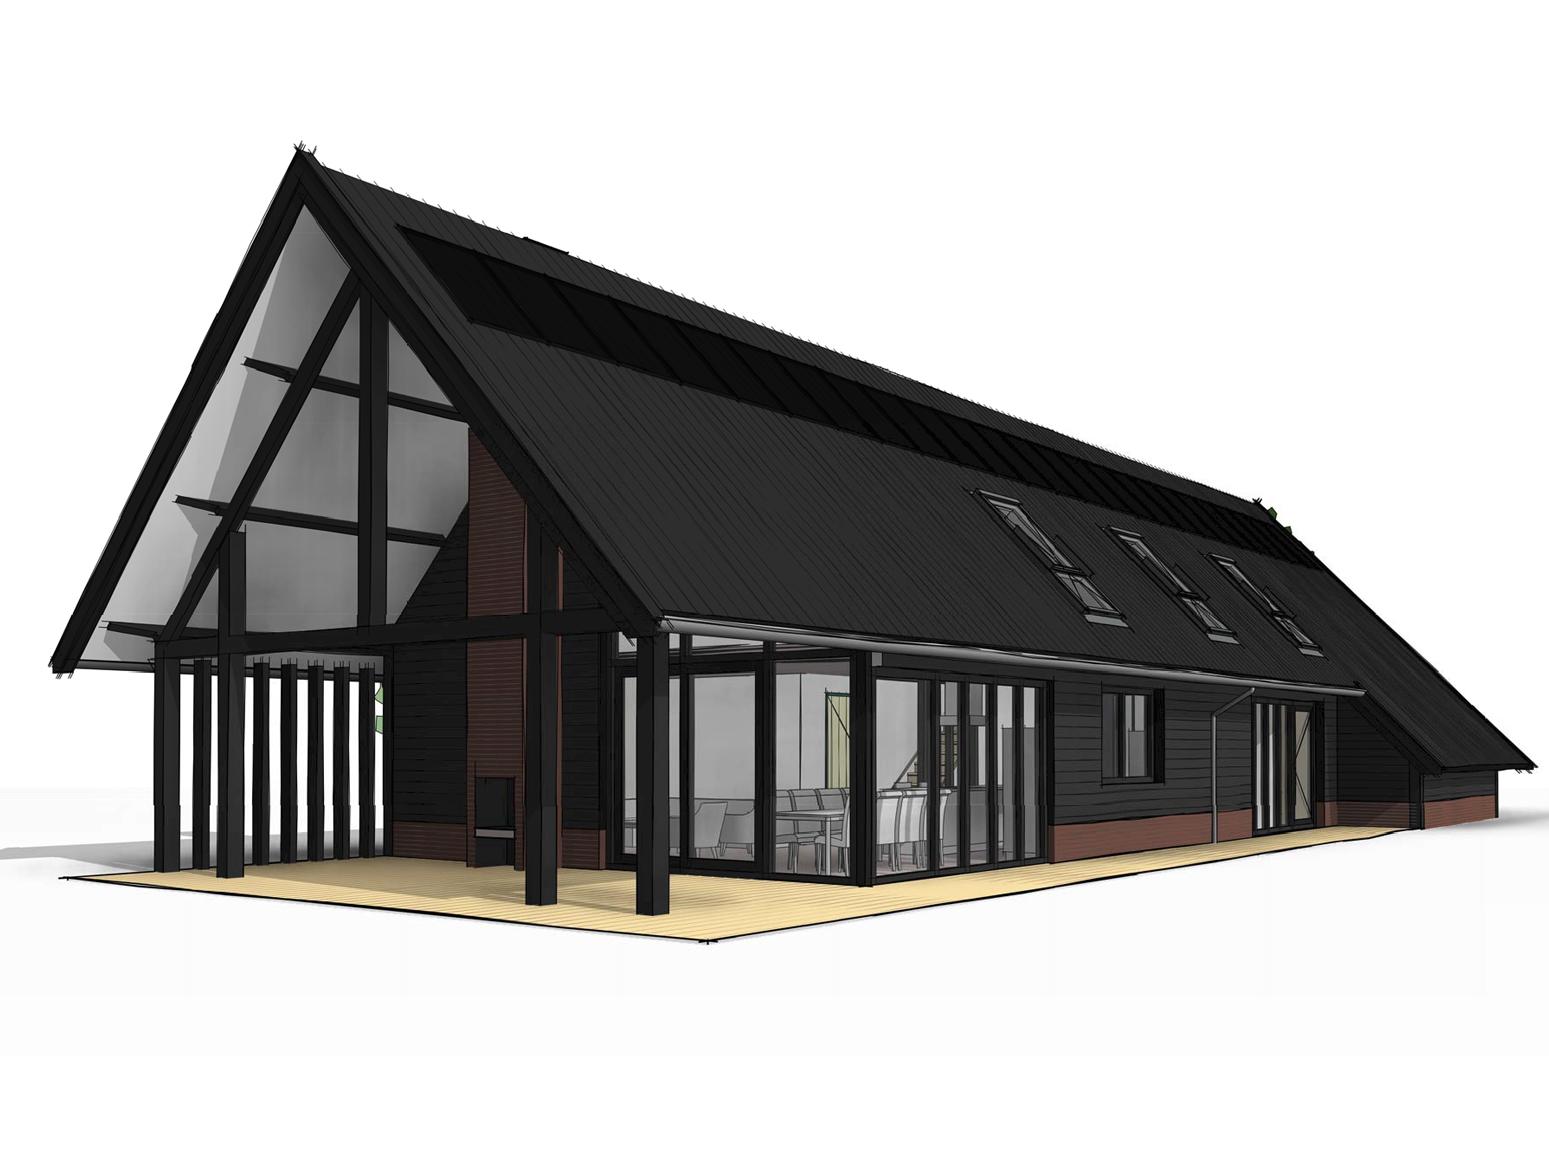 stoere-schuurwoning-klarenbeek-zwart-van-oord-architectuur-wenum-wiesel-apeldoorn-architect-1